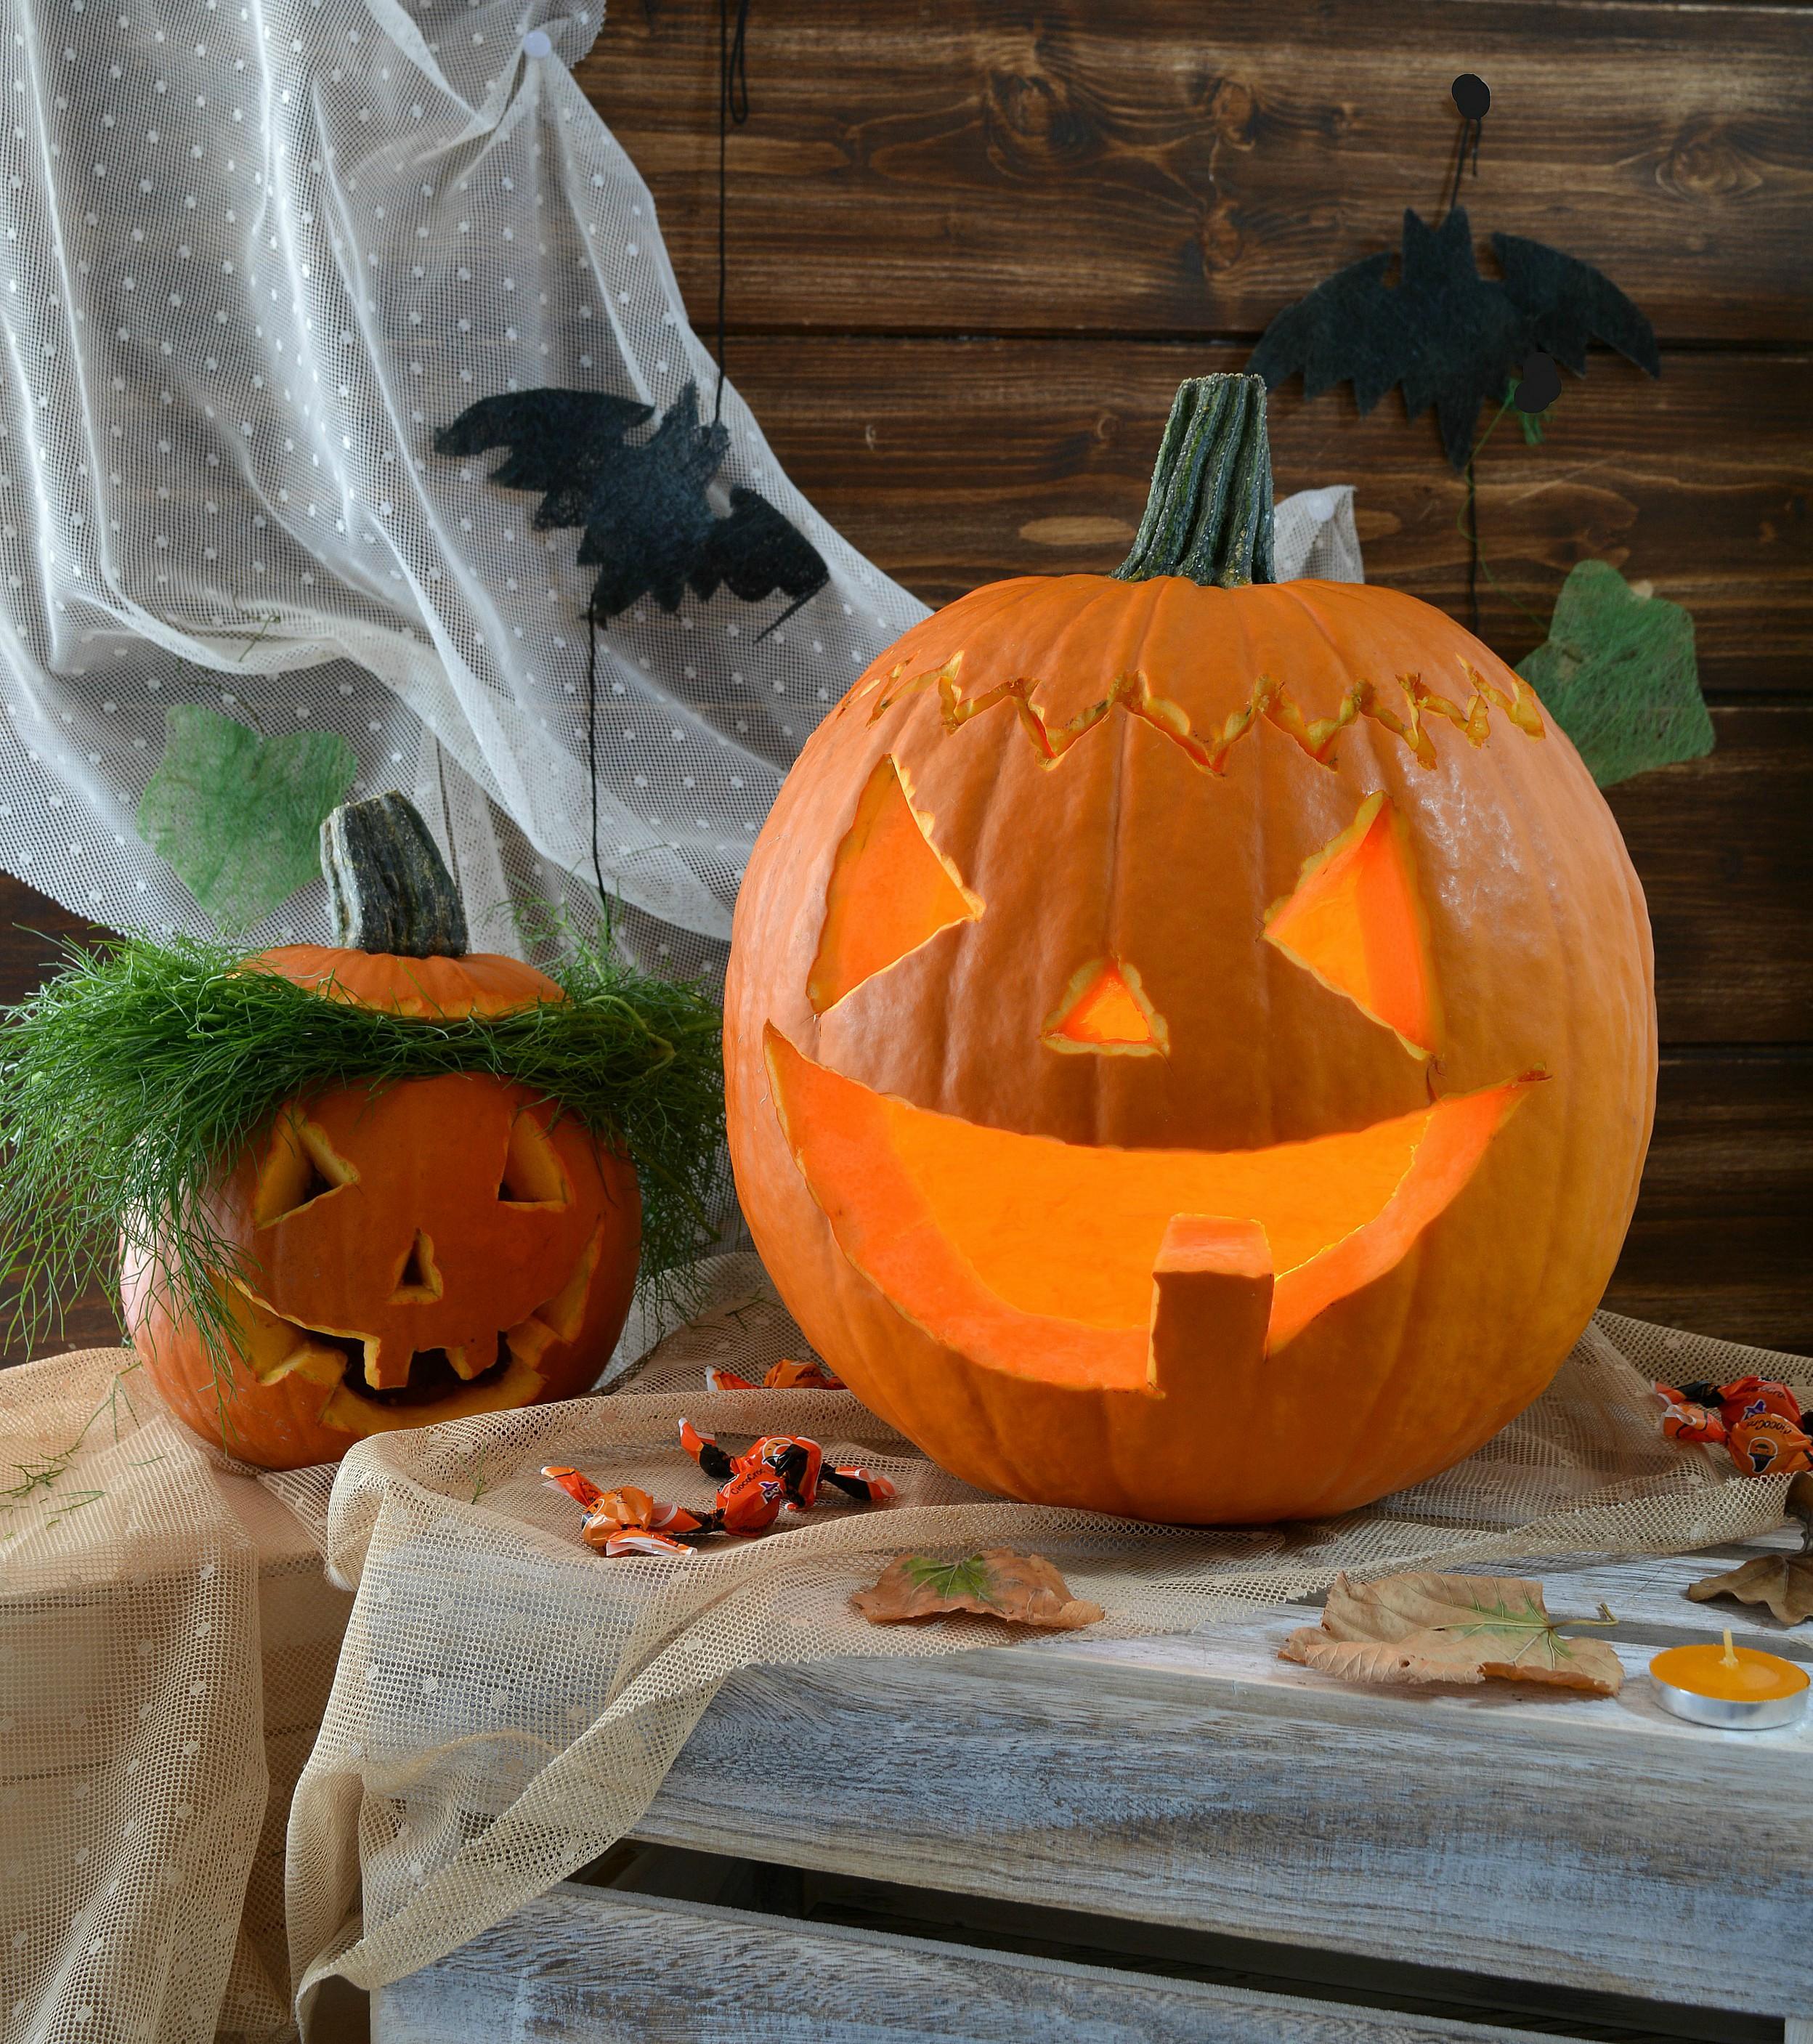 Intagliare Zucca Per Halloween Disegni zucca di halloween - un pizzico di pepe rosa